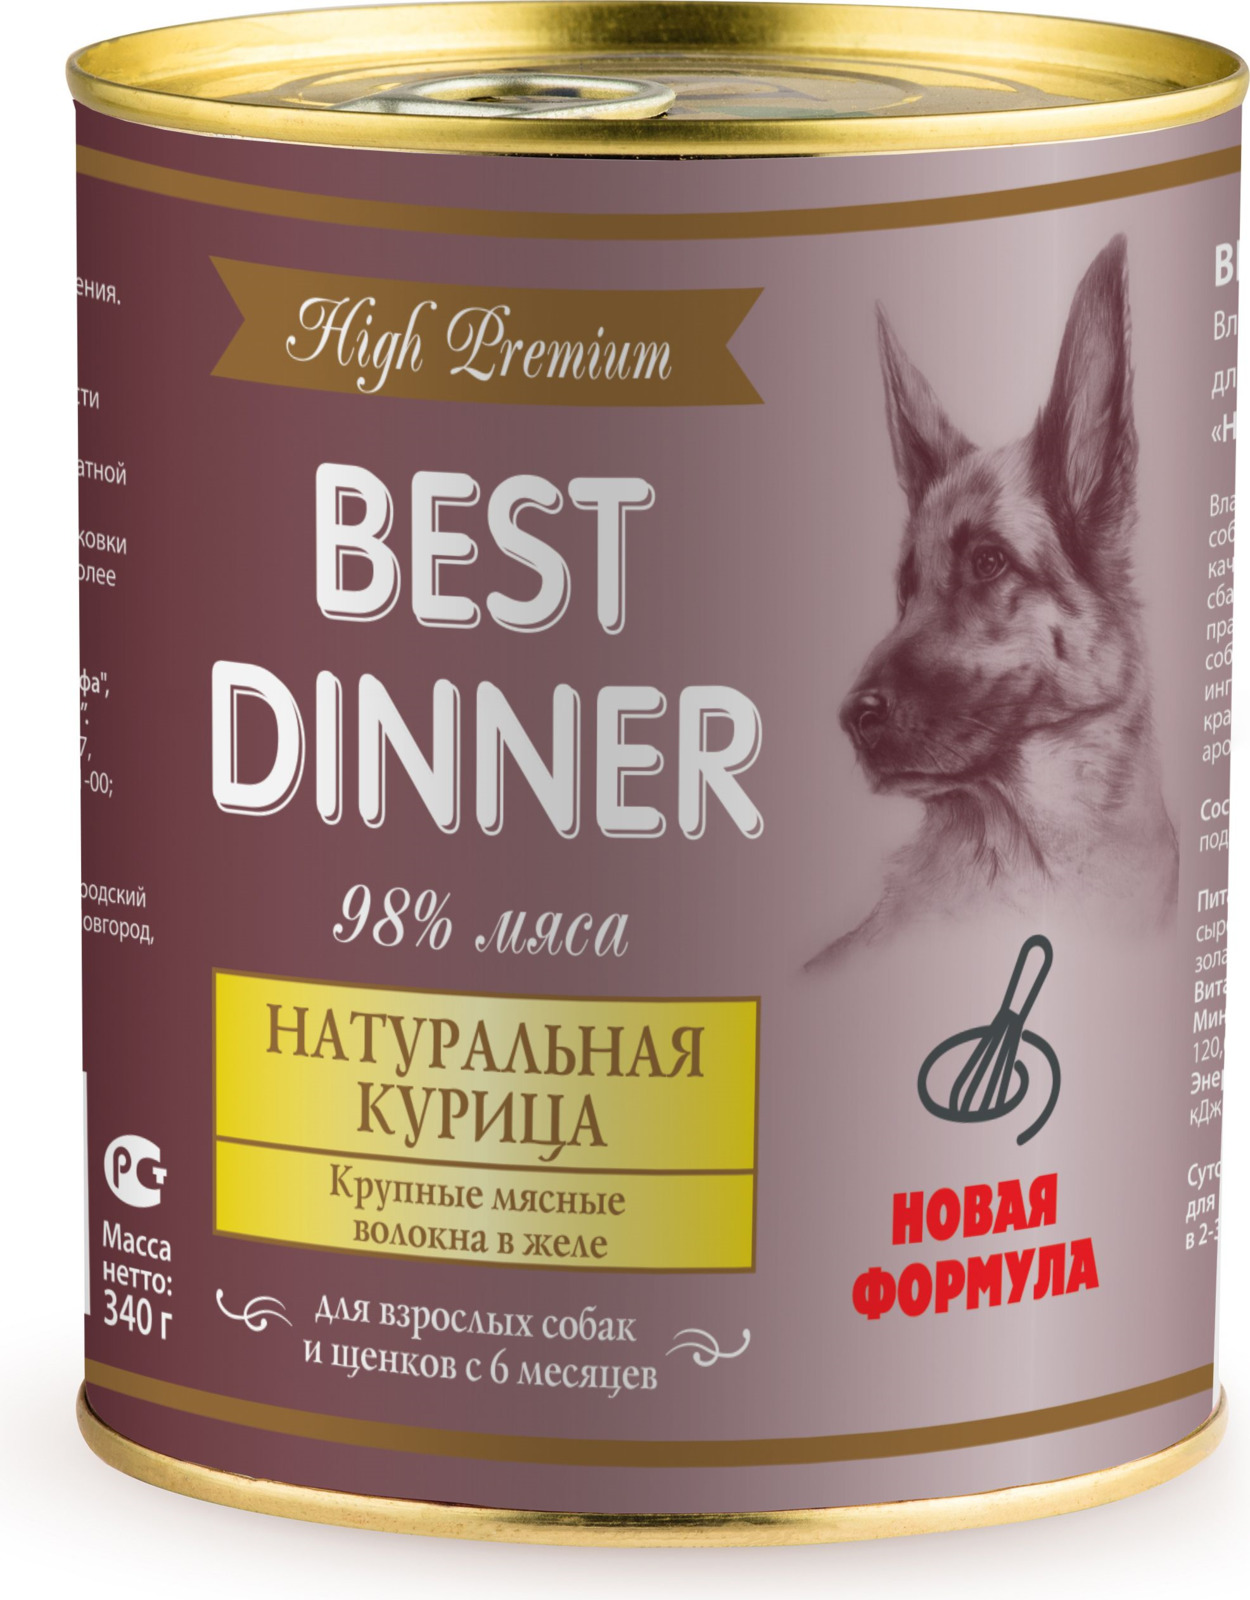 Корм консервированный для собак Best Dinner High Premium, натуральная курица, 340 г